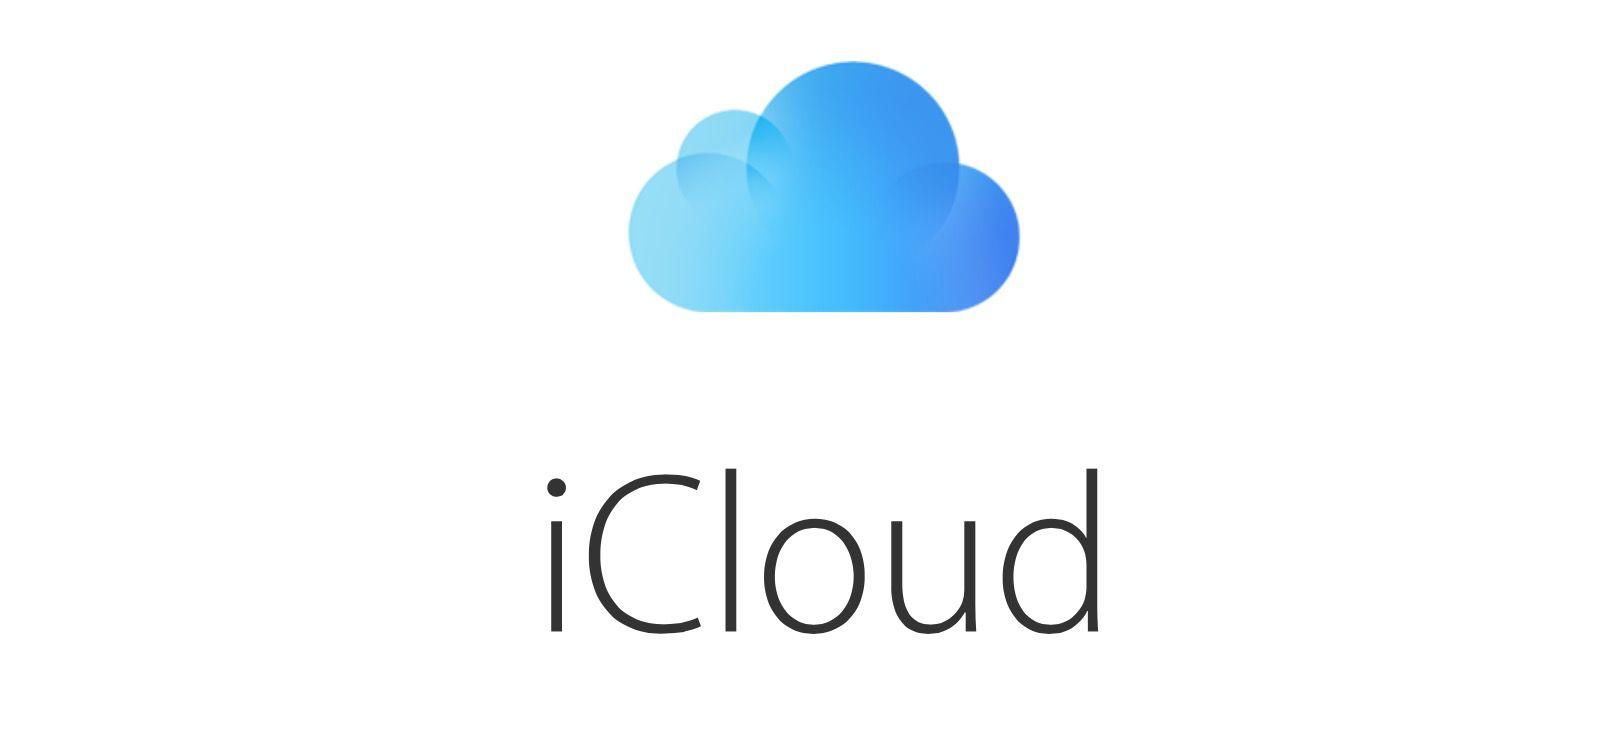 Как проверить iPhone на привязку к iCloud